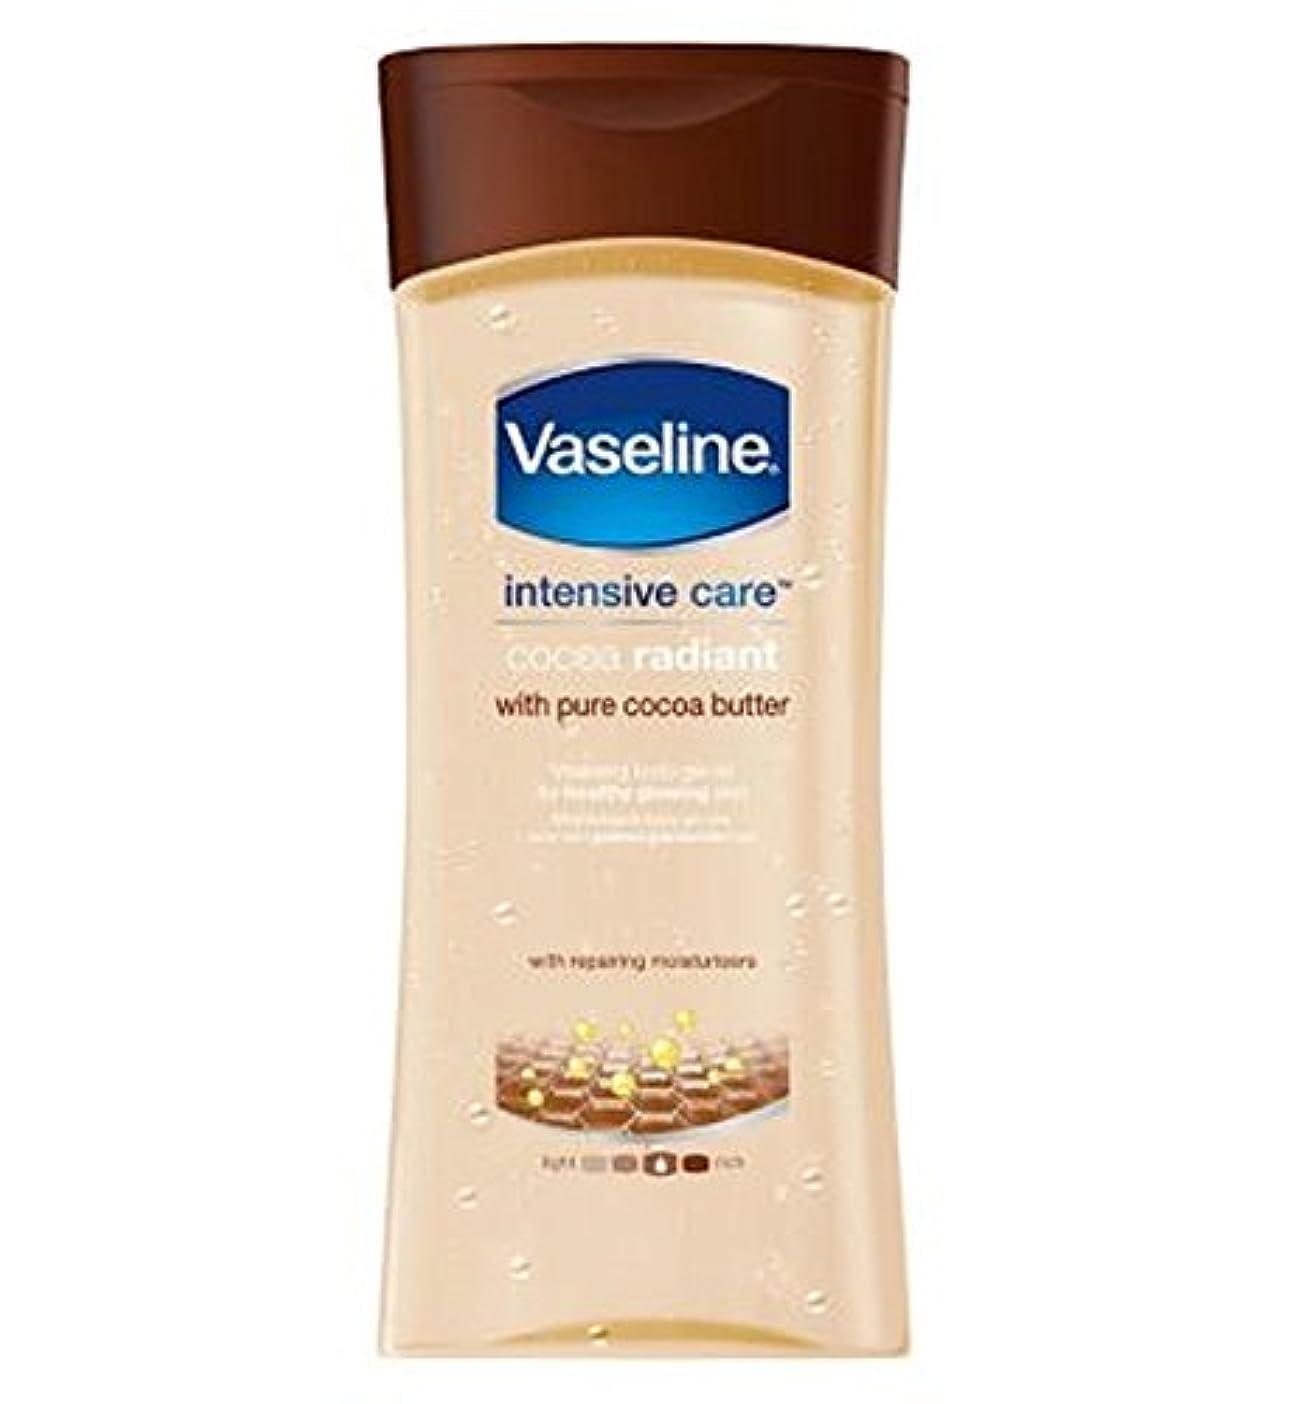 グローバルなぞらえるアルネVaseline Intensive Care Cocoa Gel Oil 200ml - ワセリン集中治療ココアゲルオイル200ミリリットル (Vaseline) [並行輸入品]